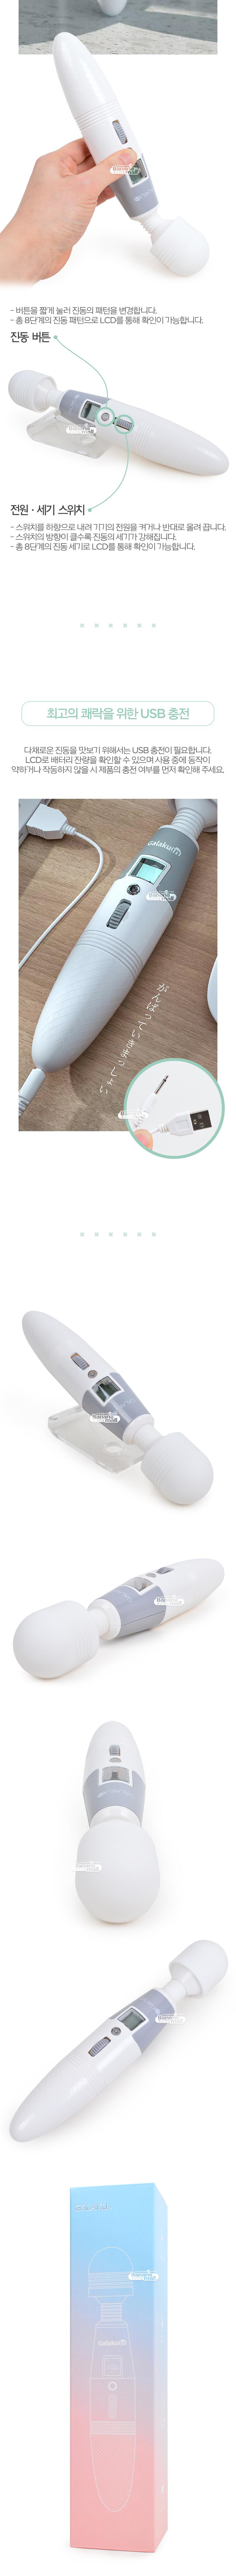 Chày Rung Massage Kích Thích - Rung Siêu Mạnh - Siêu Khỏe - Màn Hình LCD Hiển Thị - GALAKU JAPAN